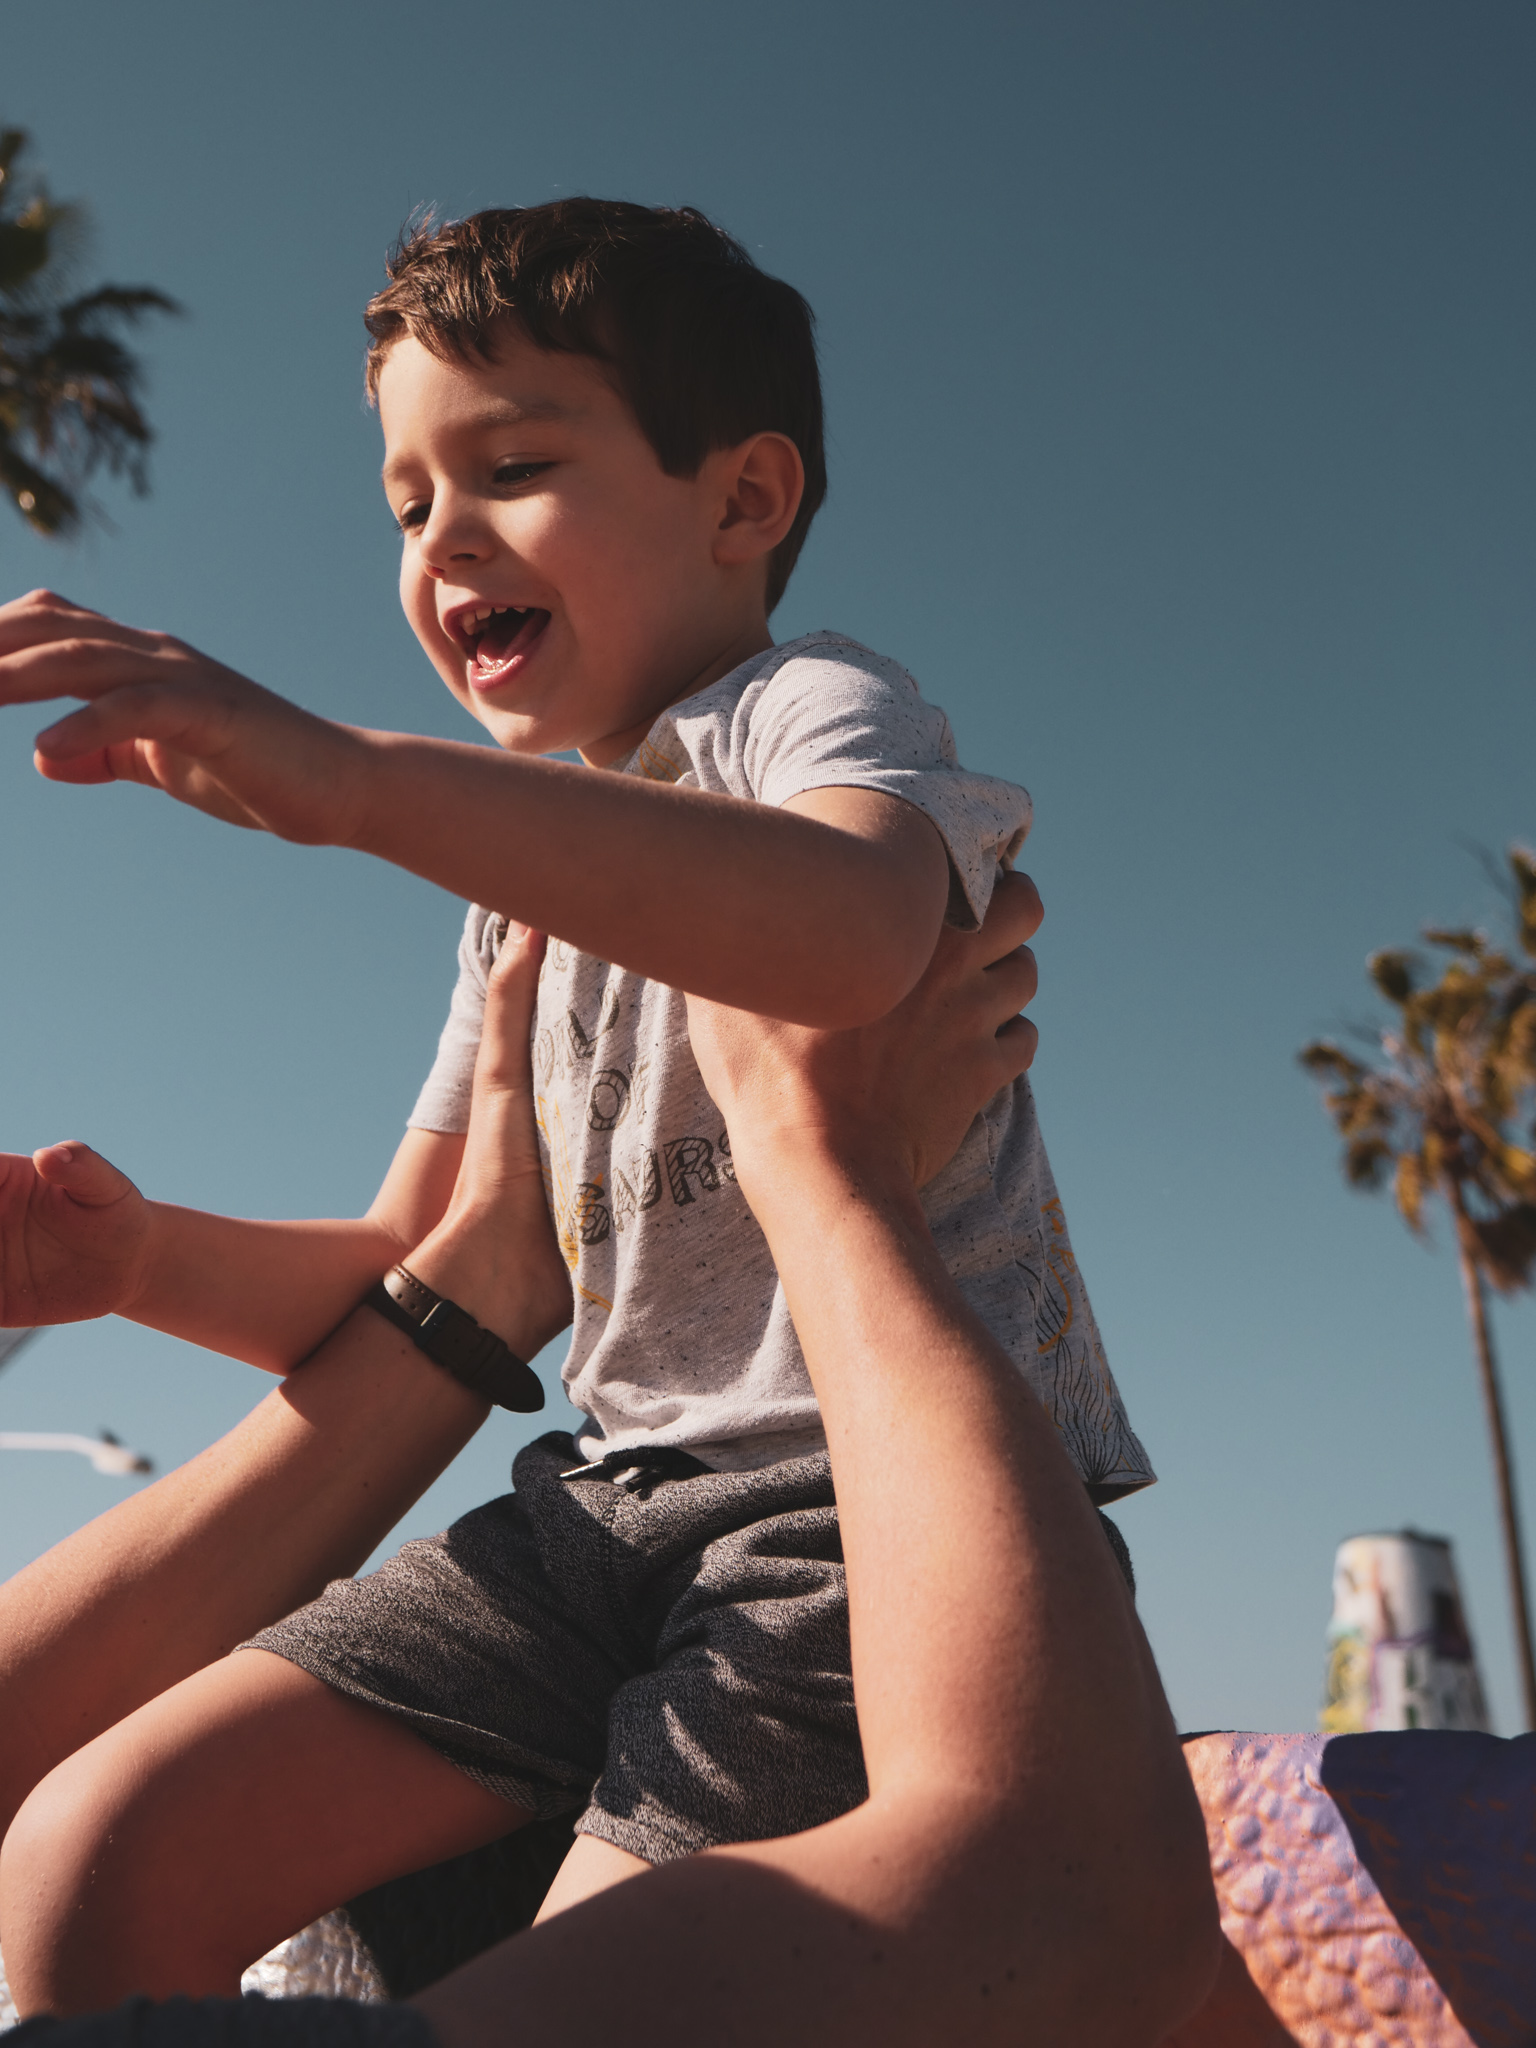 los Angeles avec des enfants_road trip ouest americain_famille